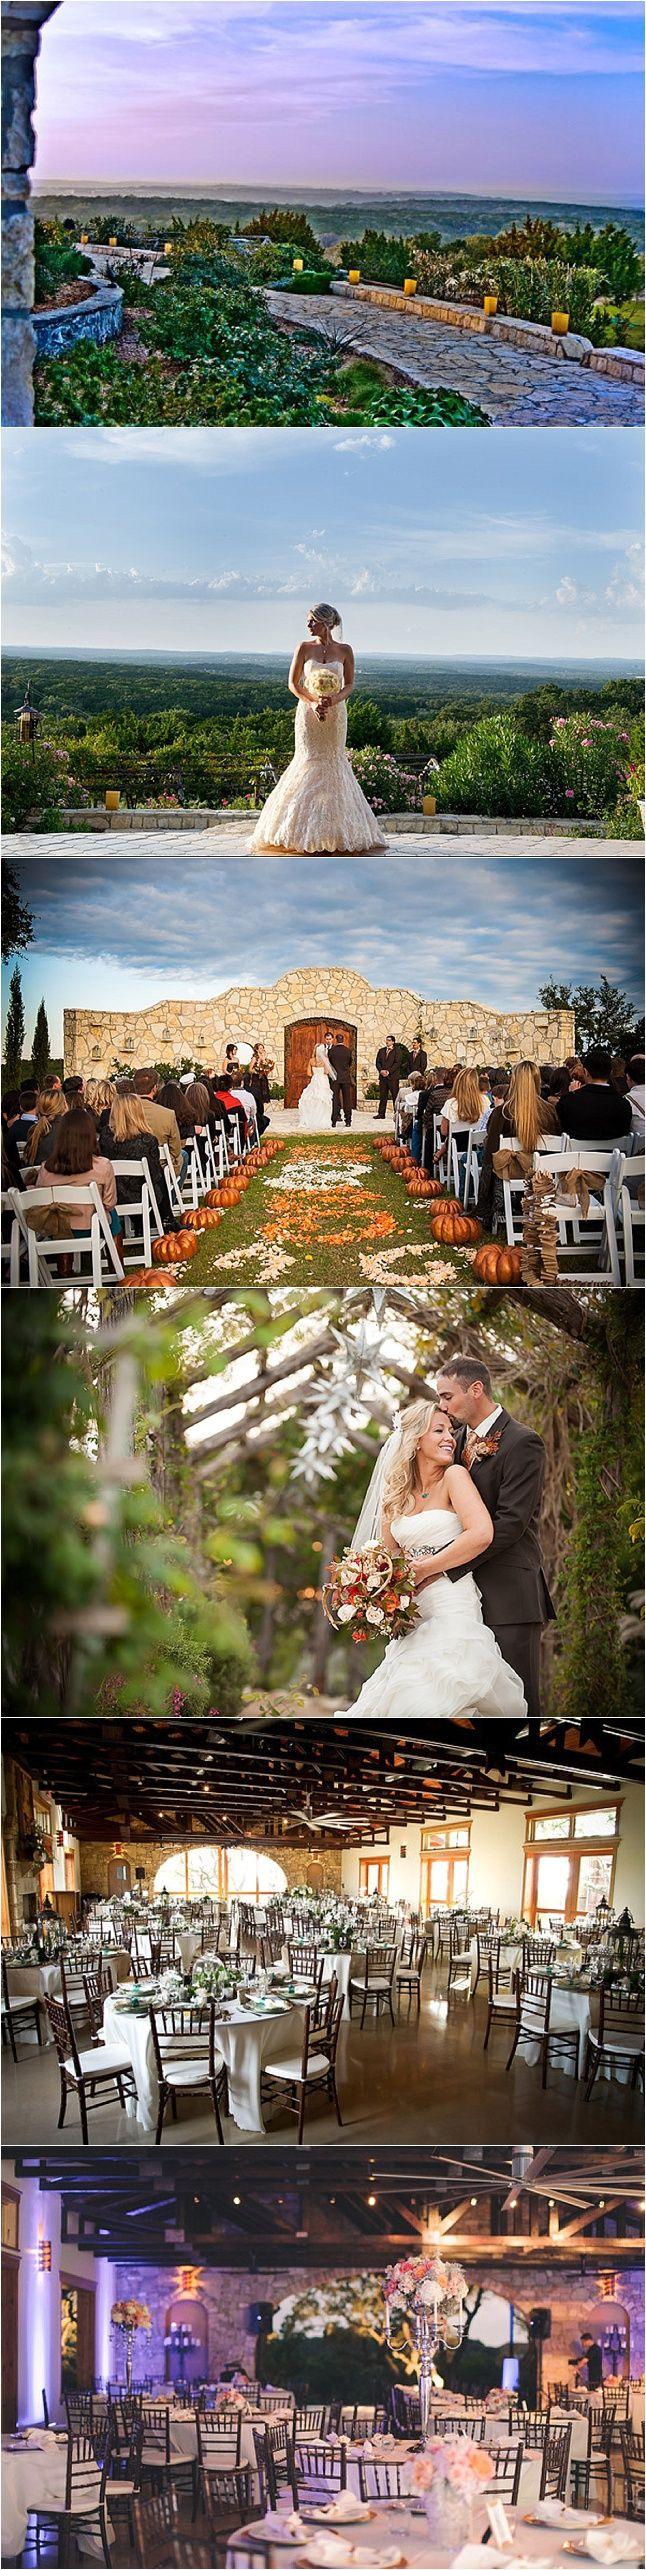 Texas Hill Country: Rancho Mirando. Fischer, TX. via San Antonio Weddings